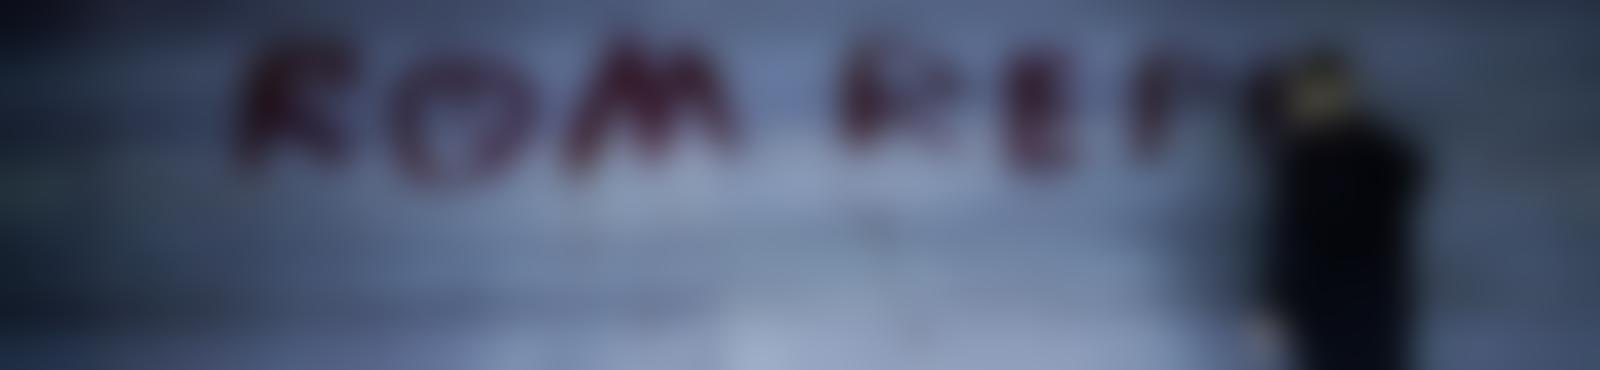 Blurred 0df4be0e e57c 46cf 9fda 6baa601b3645